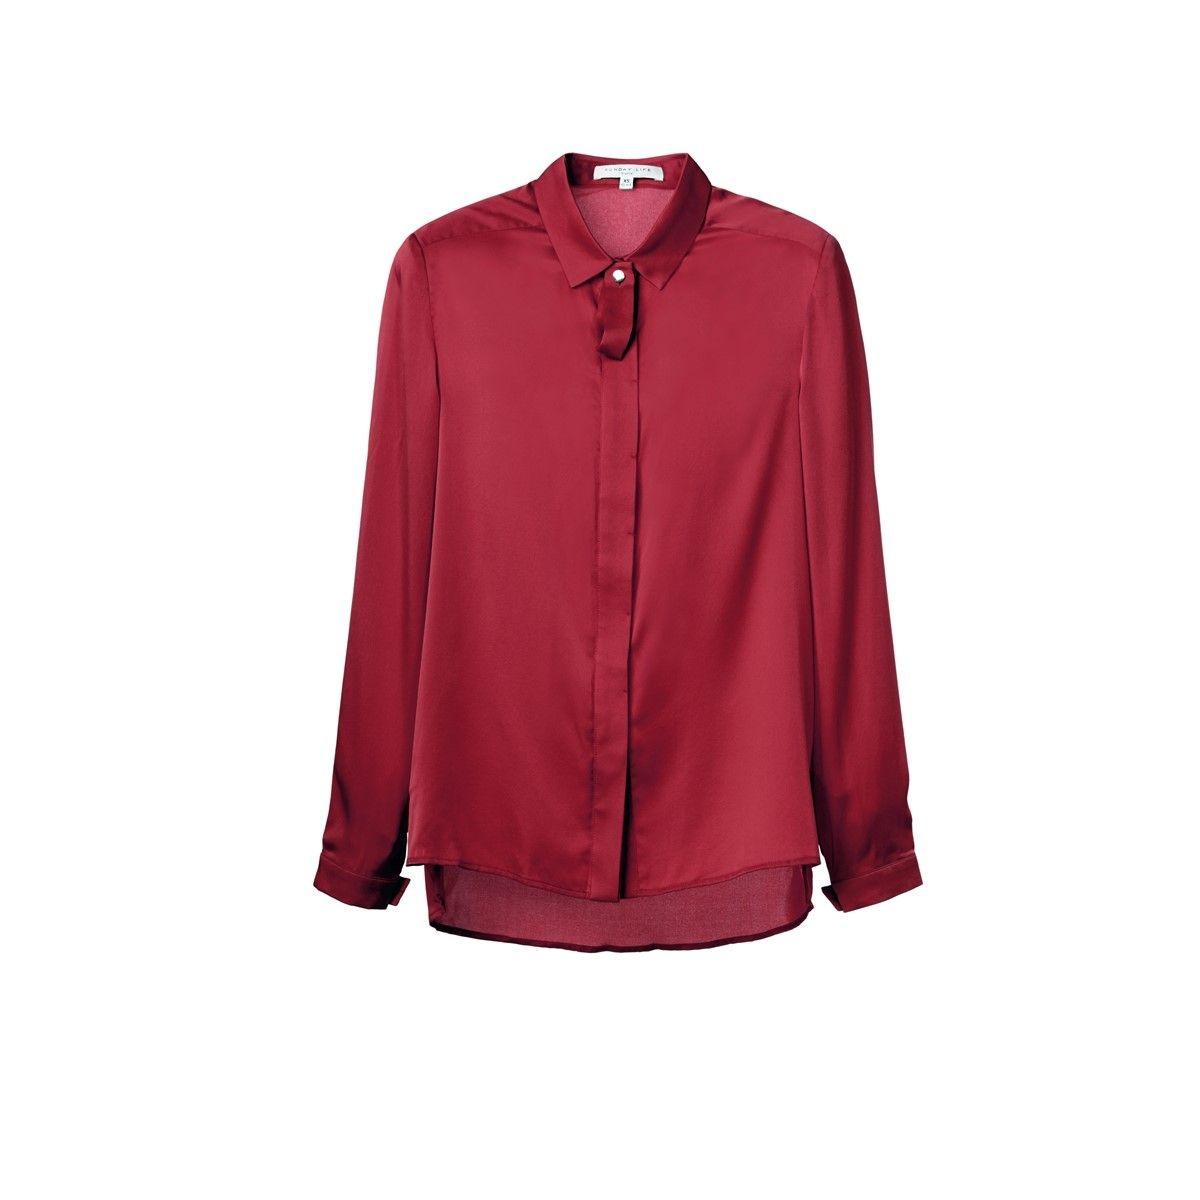 Chemise Femme en Soie manche longue tenue bureau classique chic